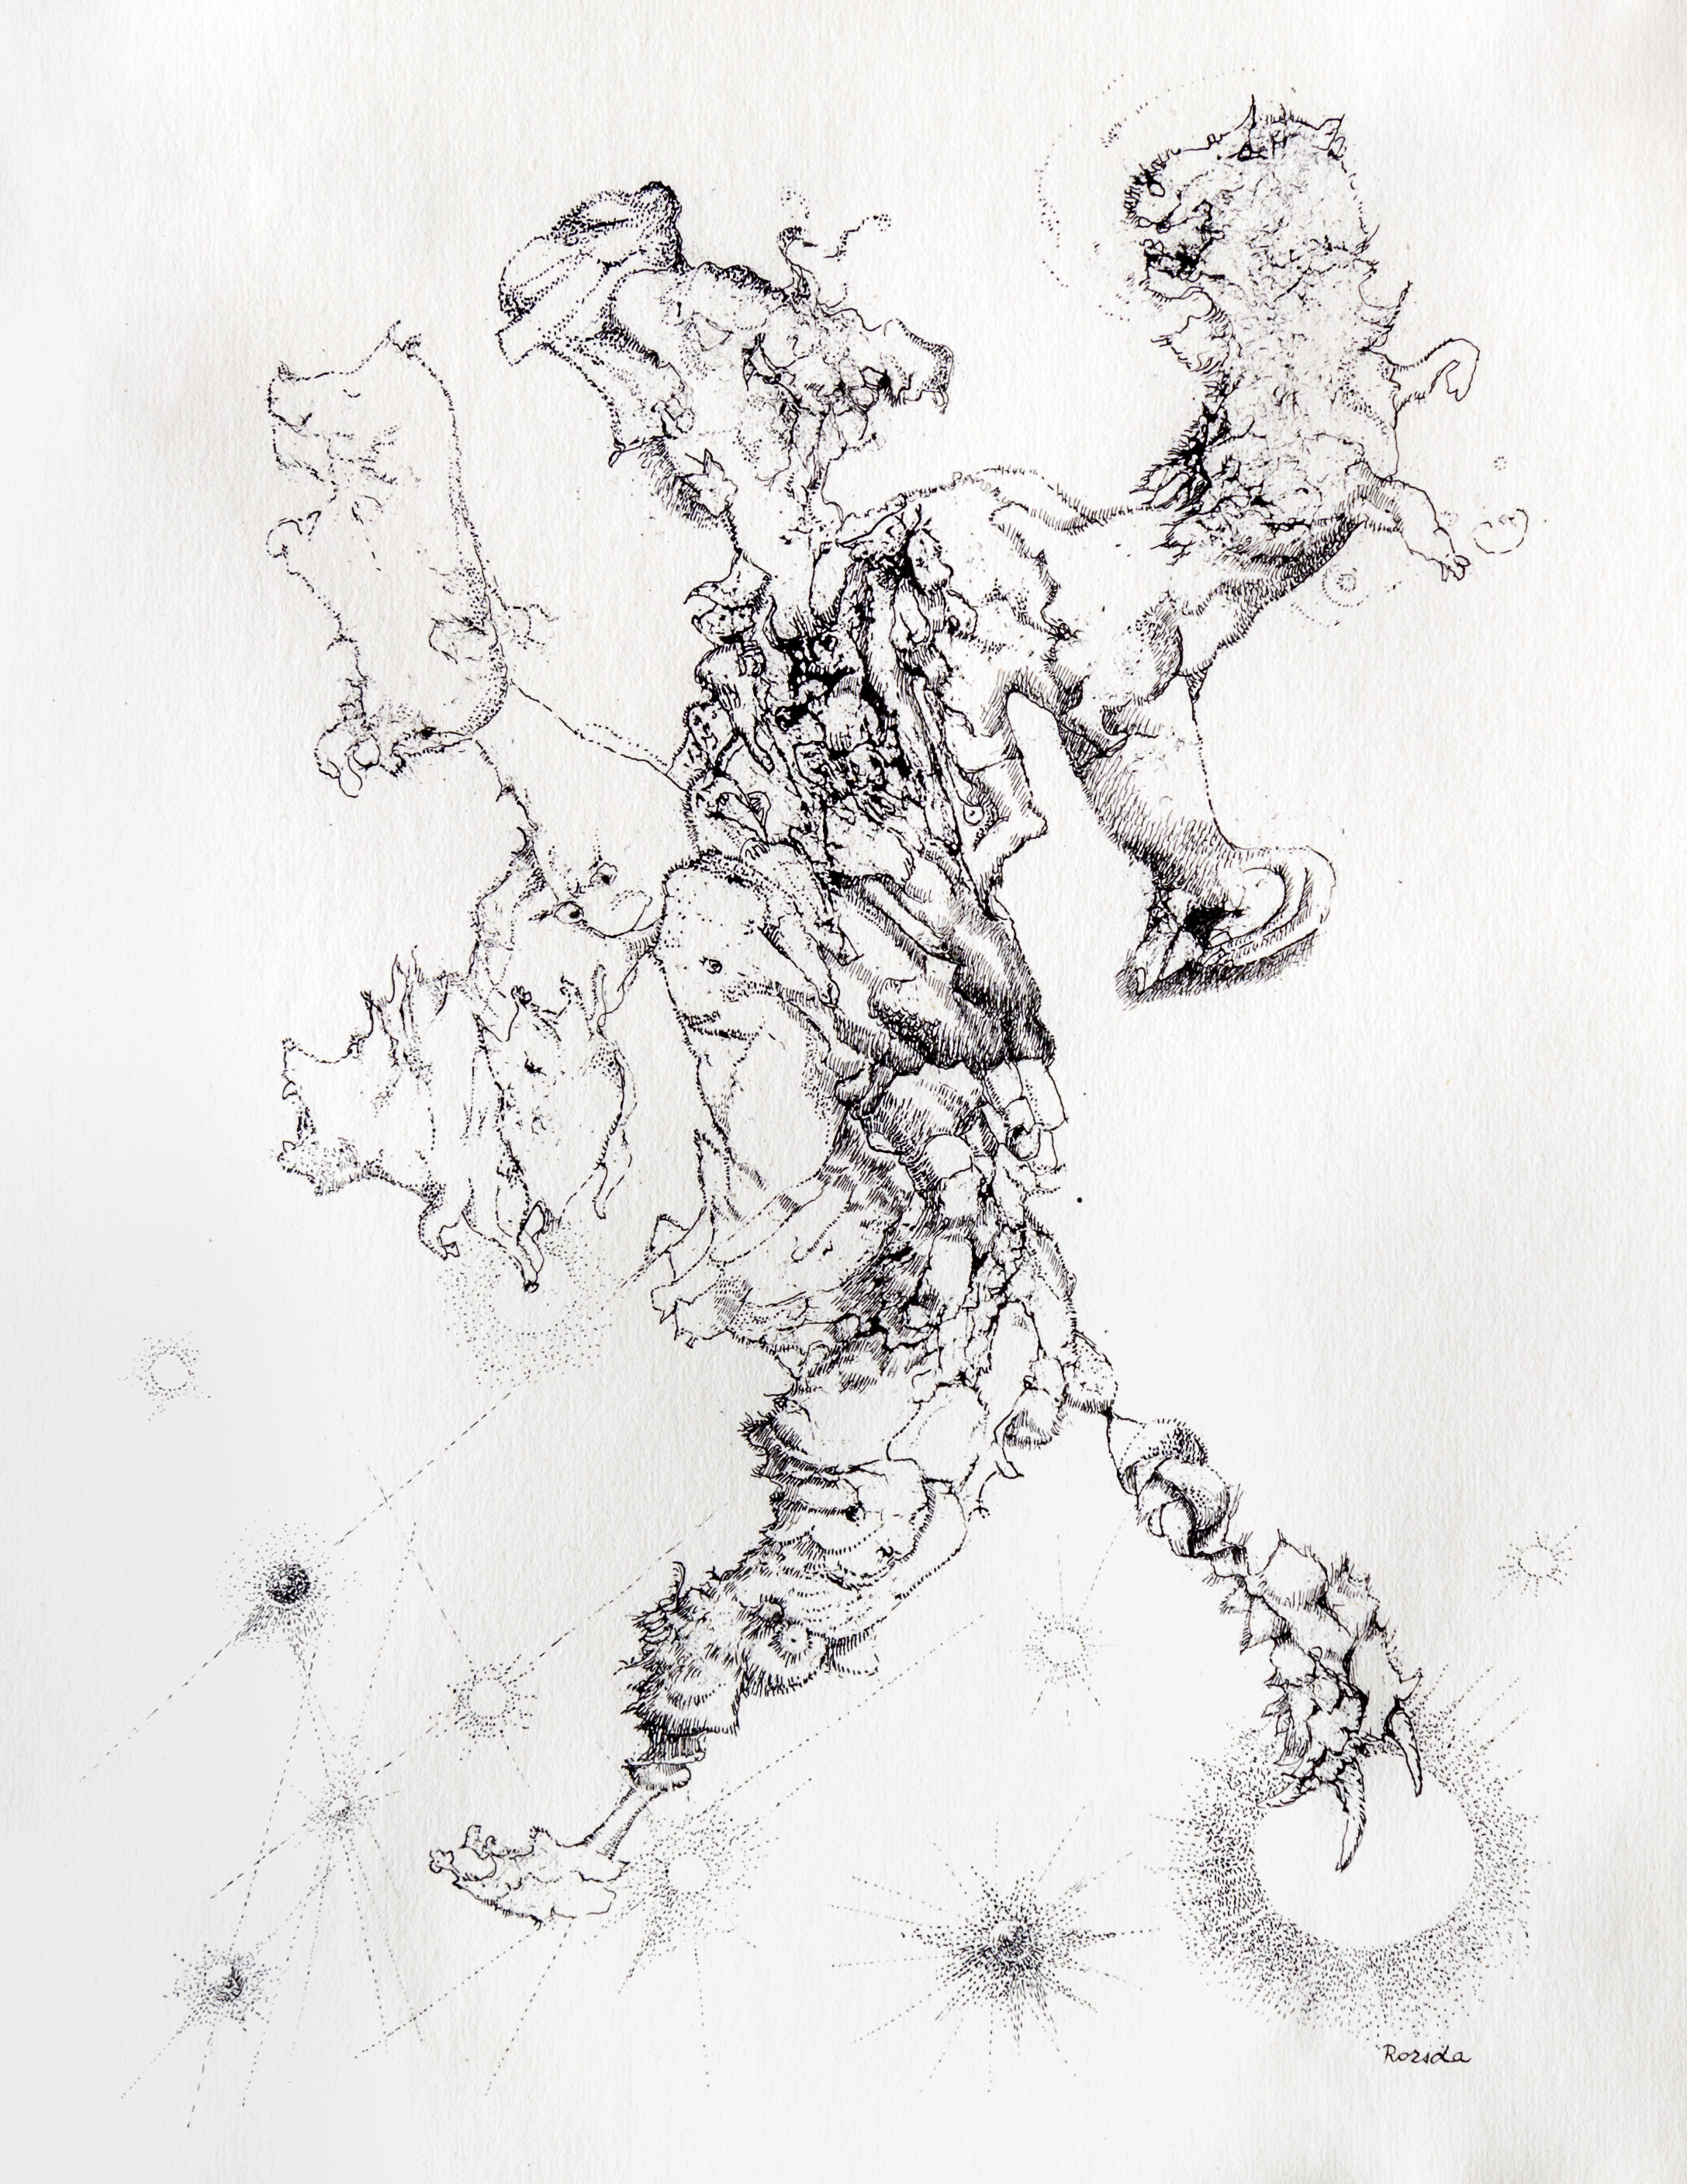 Endre Rozsda - Promenade dans les étoiles (cca 1960)